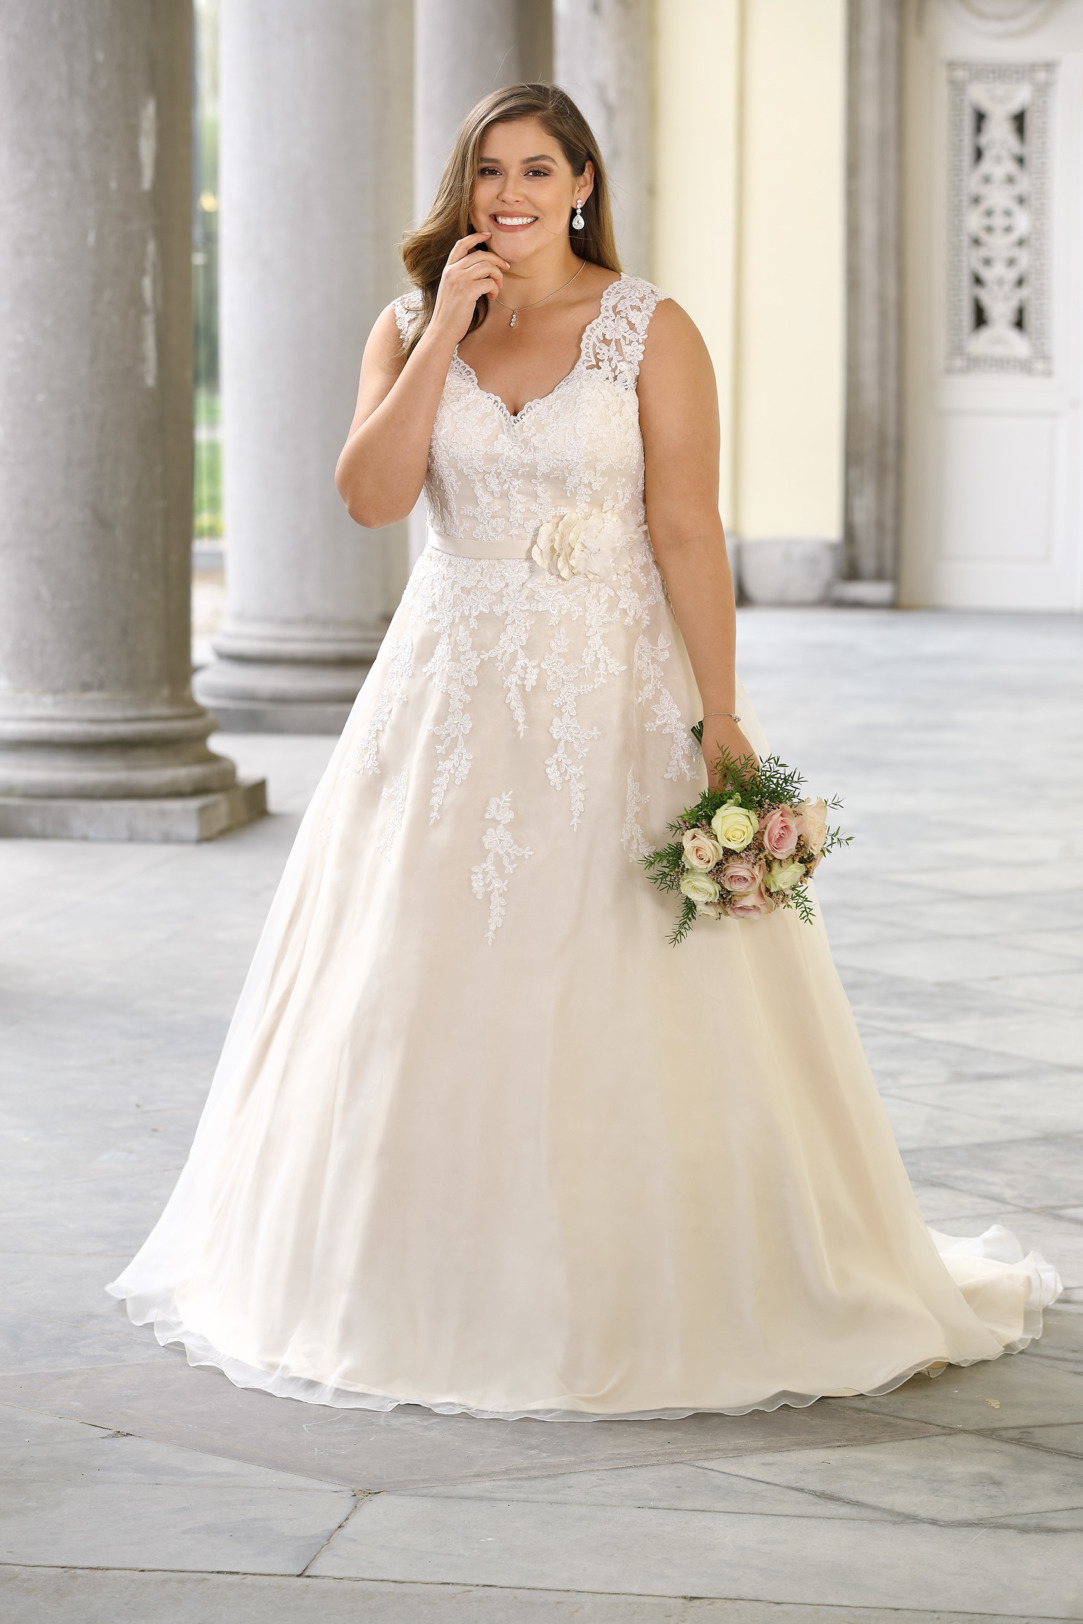 Brautkleider Hochzeitskleider Mode A Linie Ladybird mit V-Ausschnitt Spitze ohne Ärmel grosse Grösse plus size